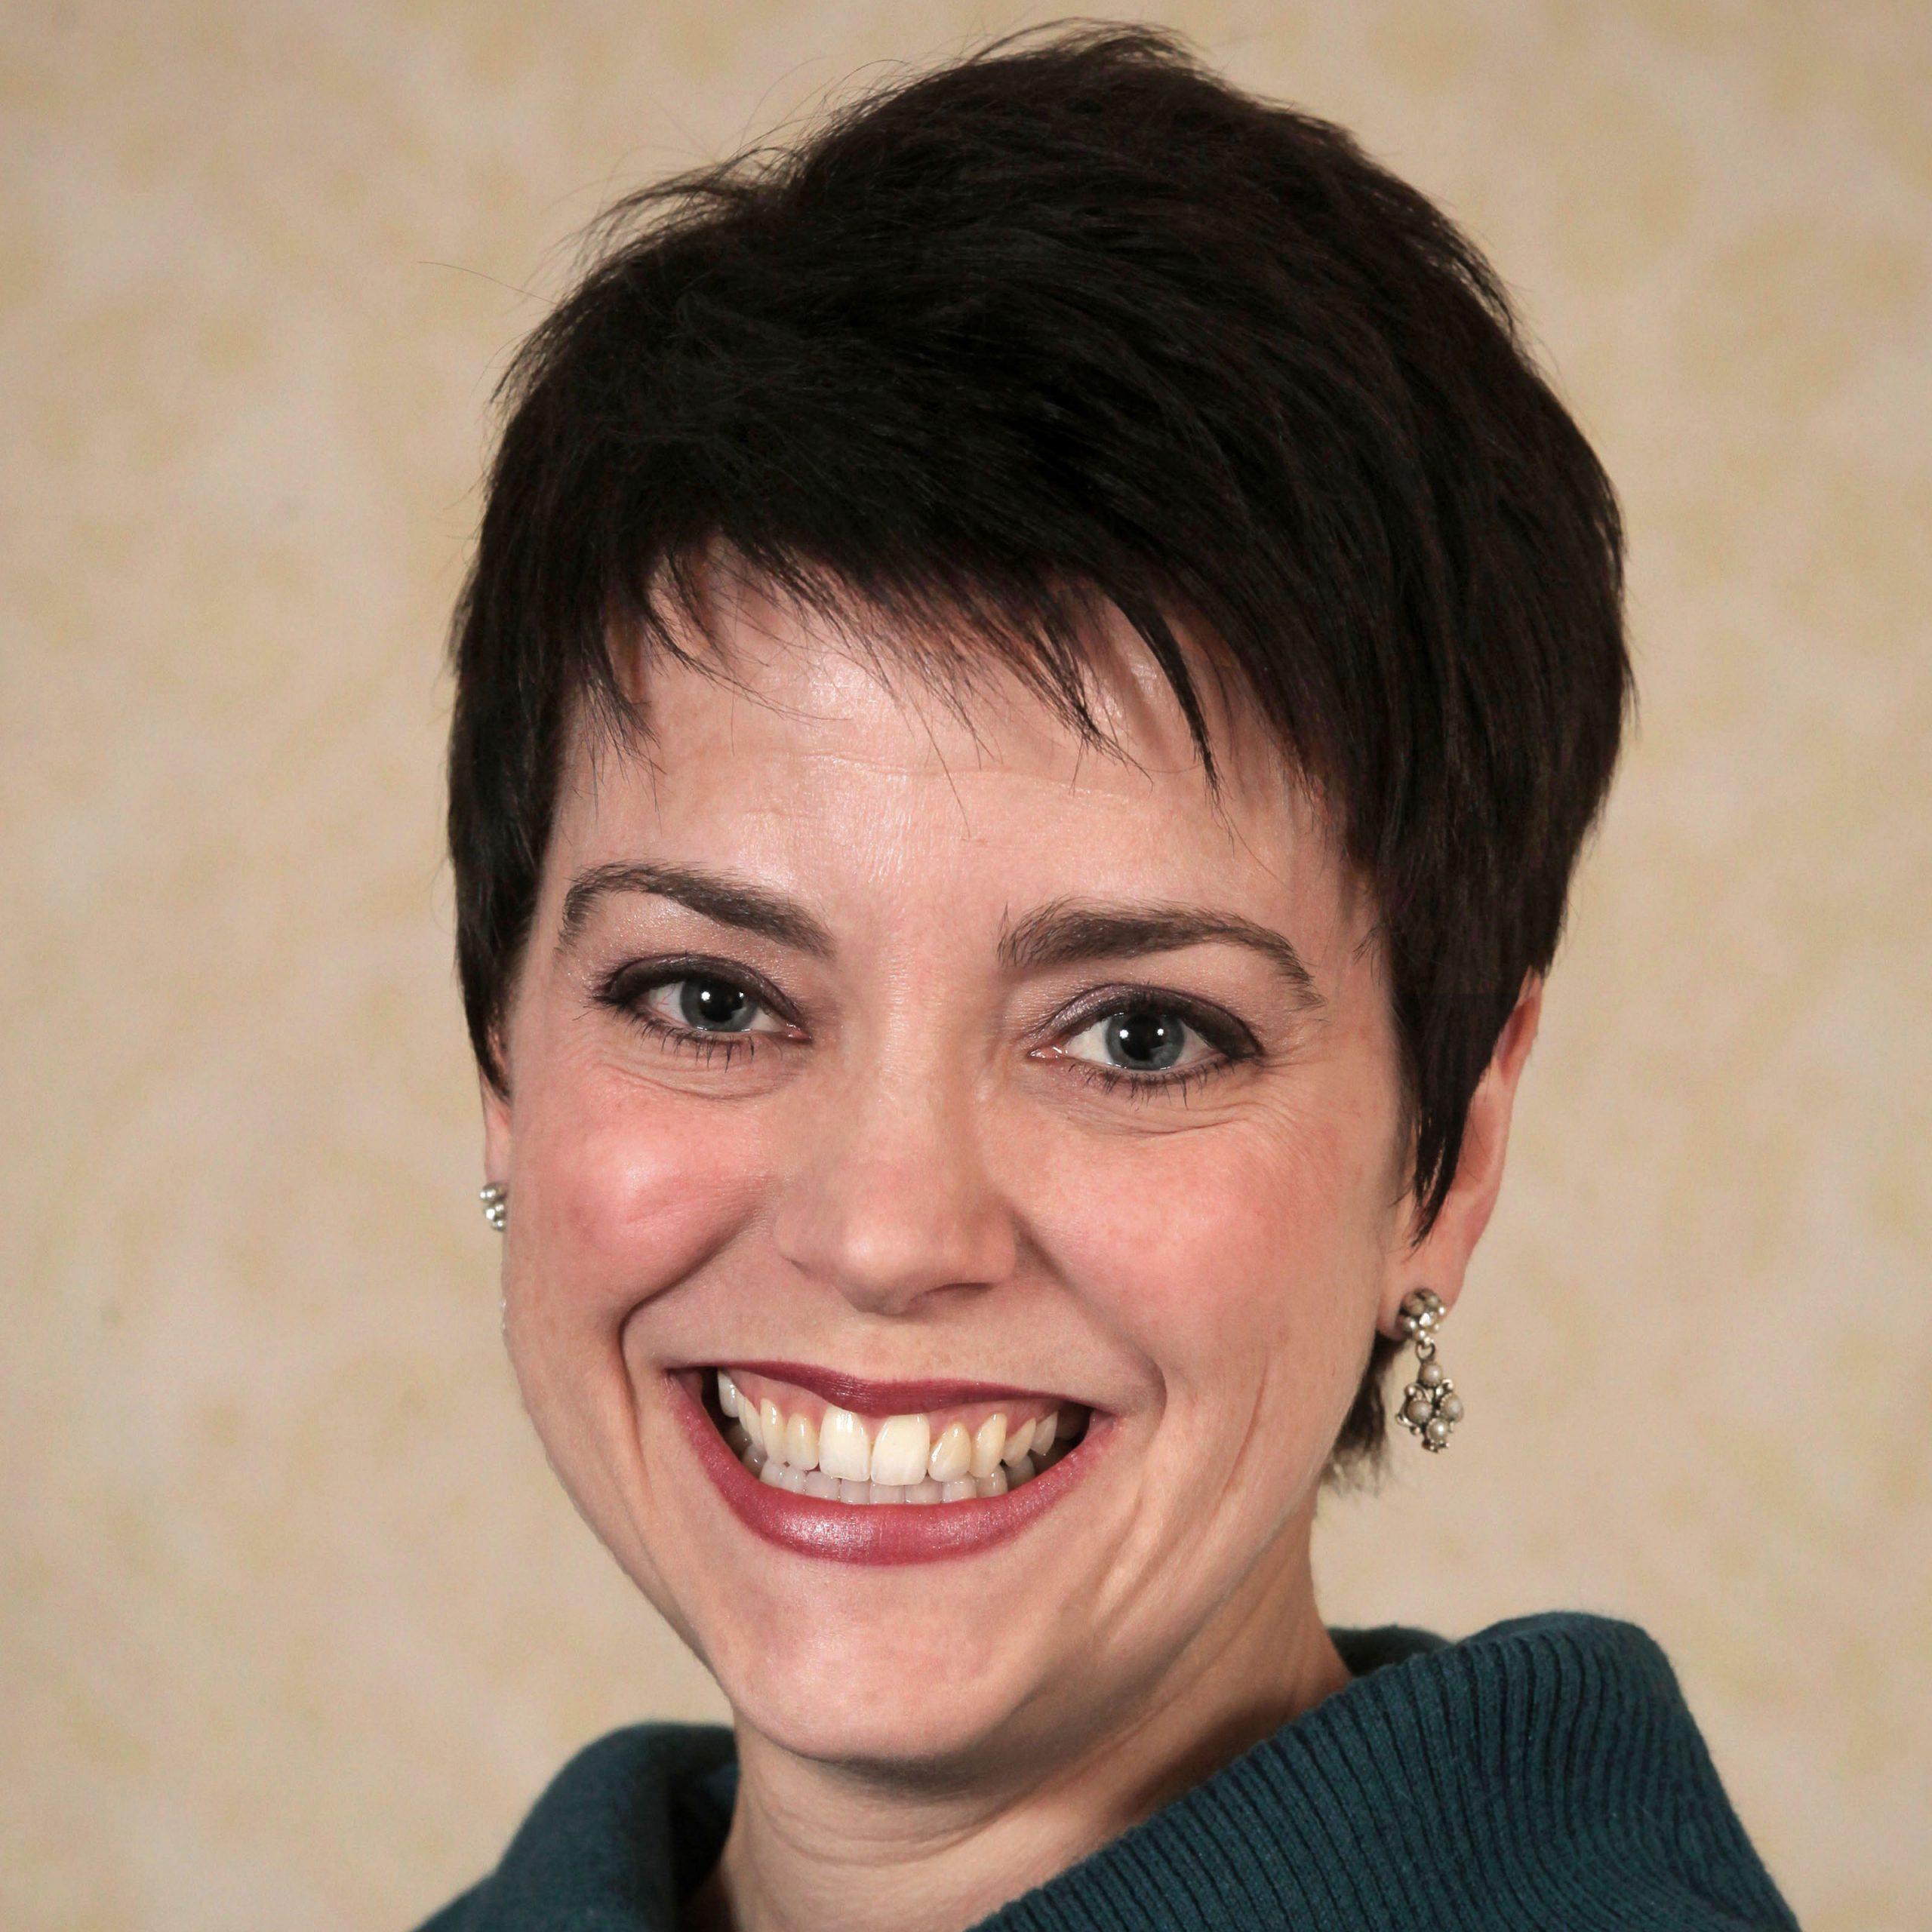 Shannon Kershner